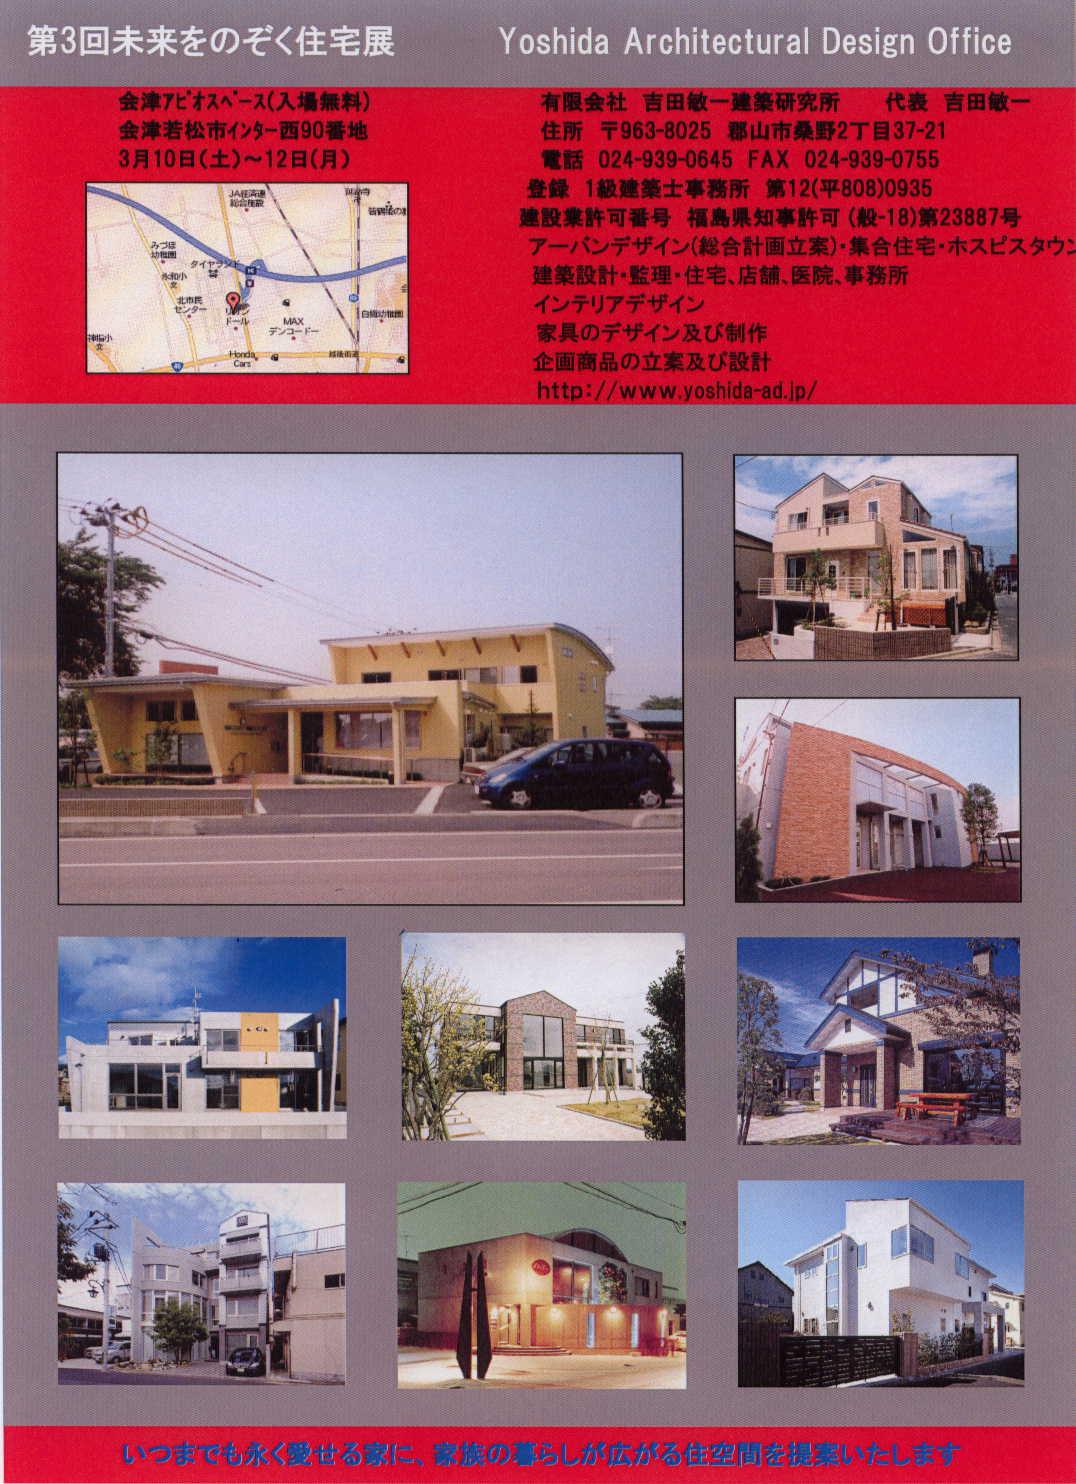 20070305125914.JPG